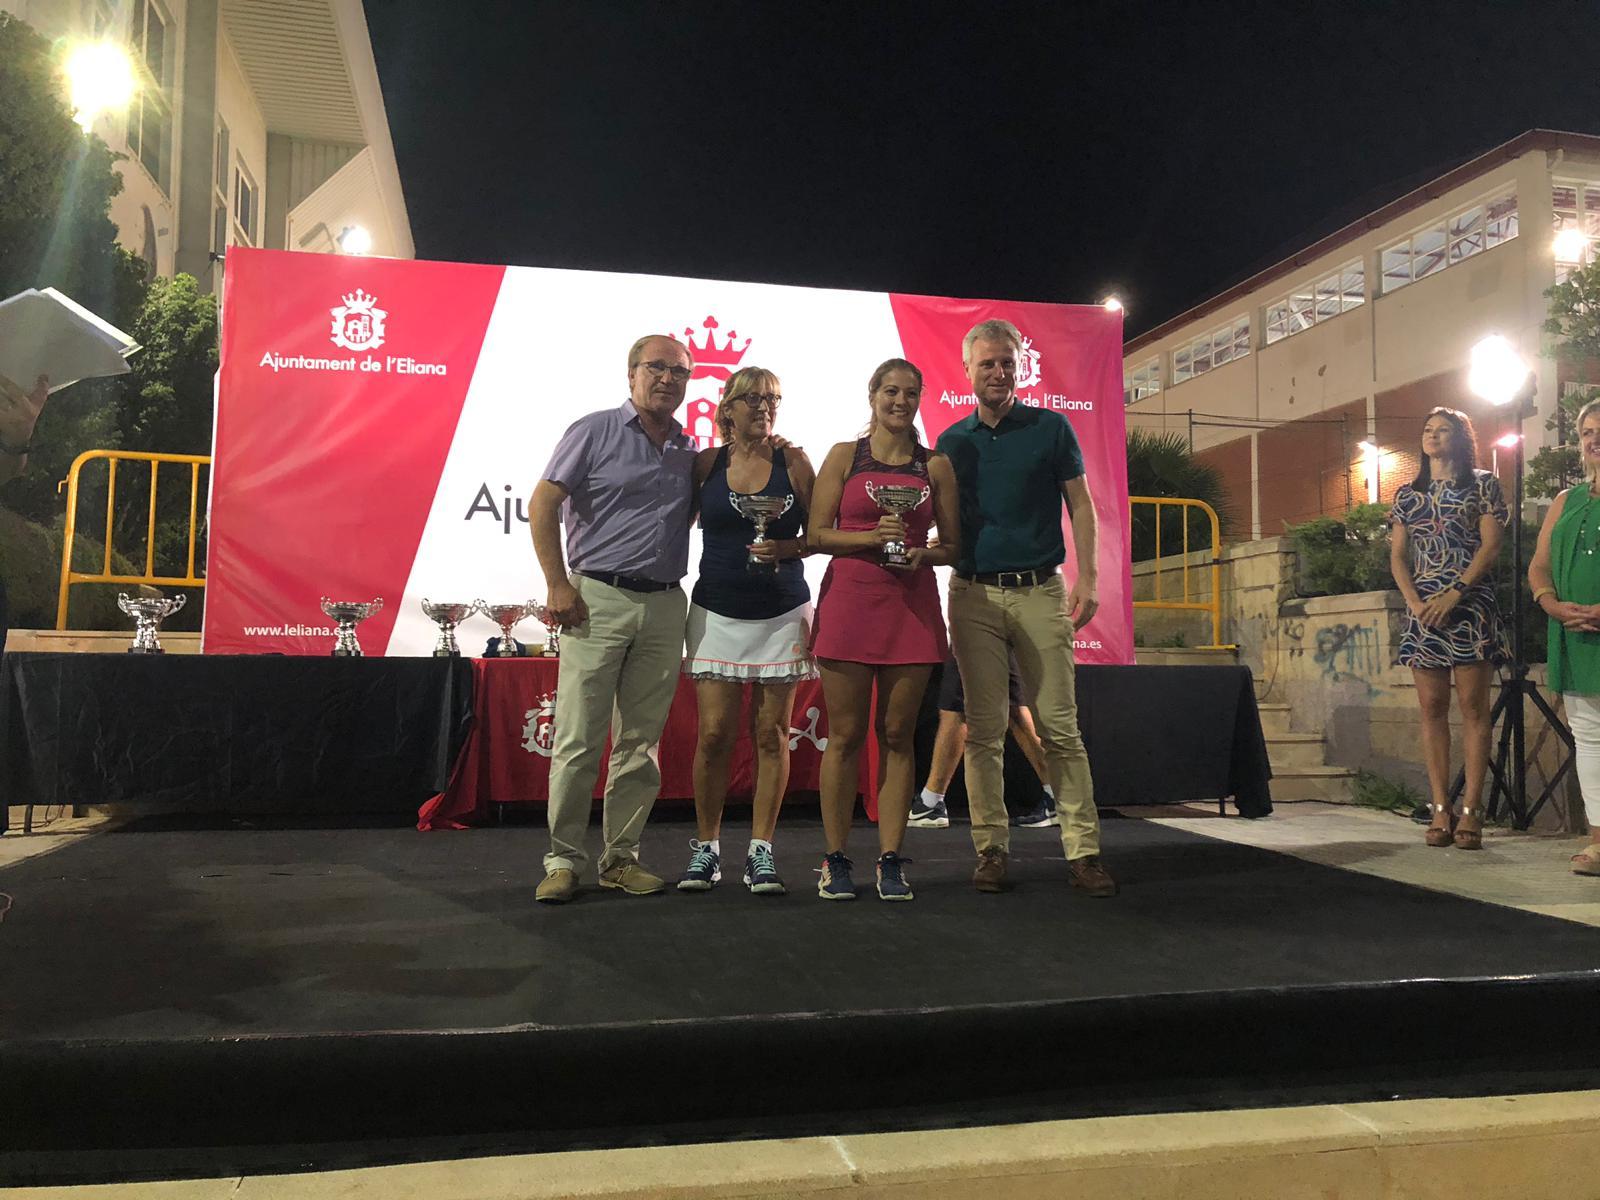 El Polideportivo Municipal de l'Eliana ha acogido grandes momentos, como la presentación de la 5ª etapa de la Vuelta Ciclista a España